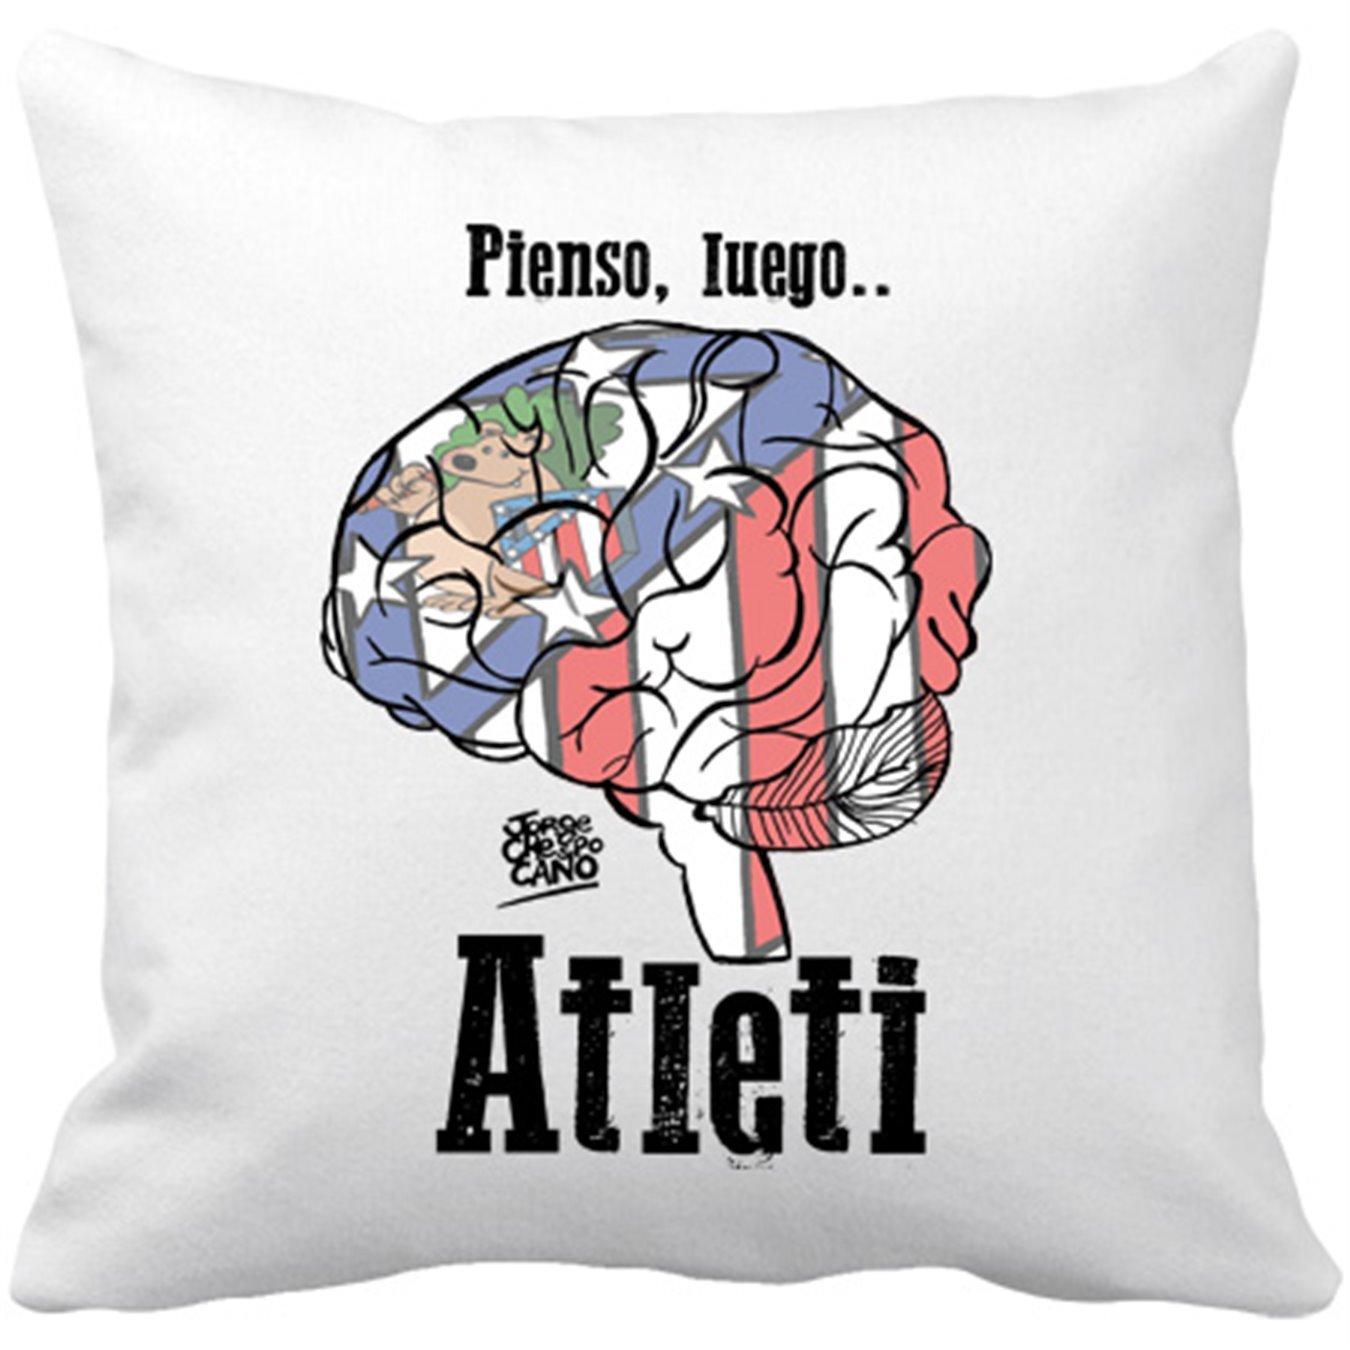 Cojín con relleno Atlético de Madrid pienso luego Atleti ...